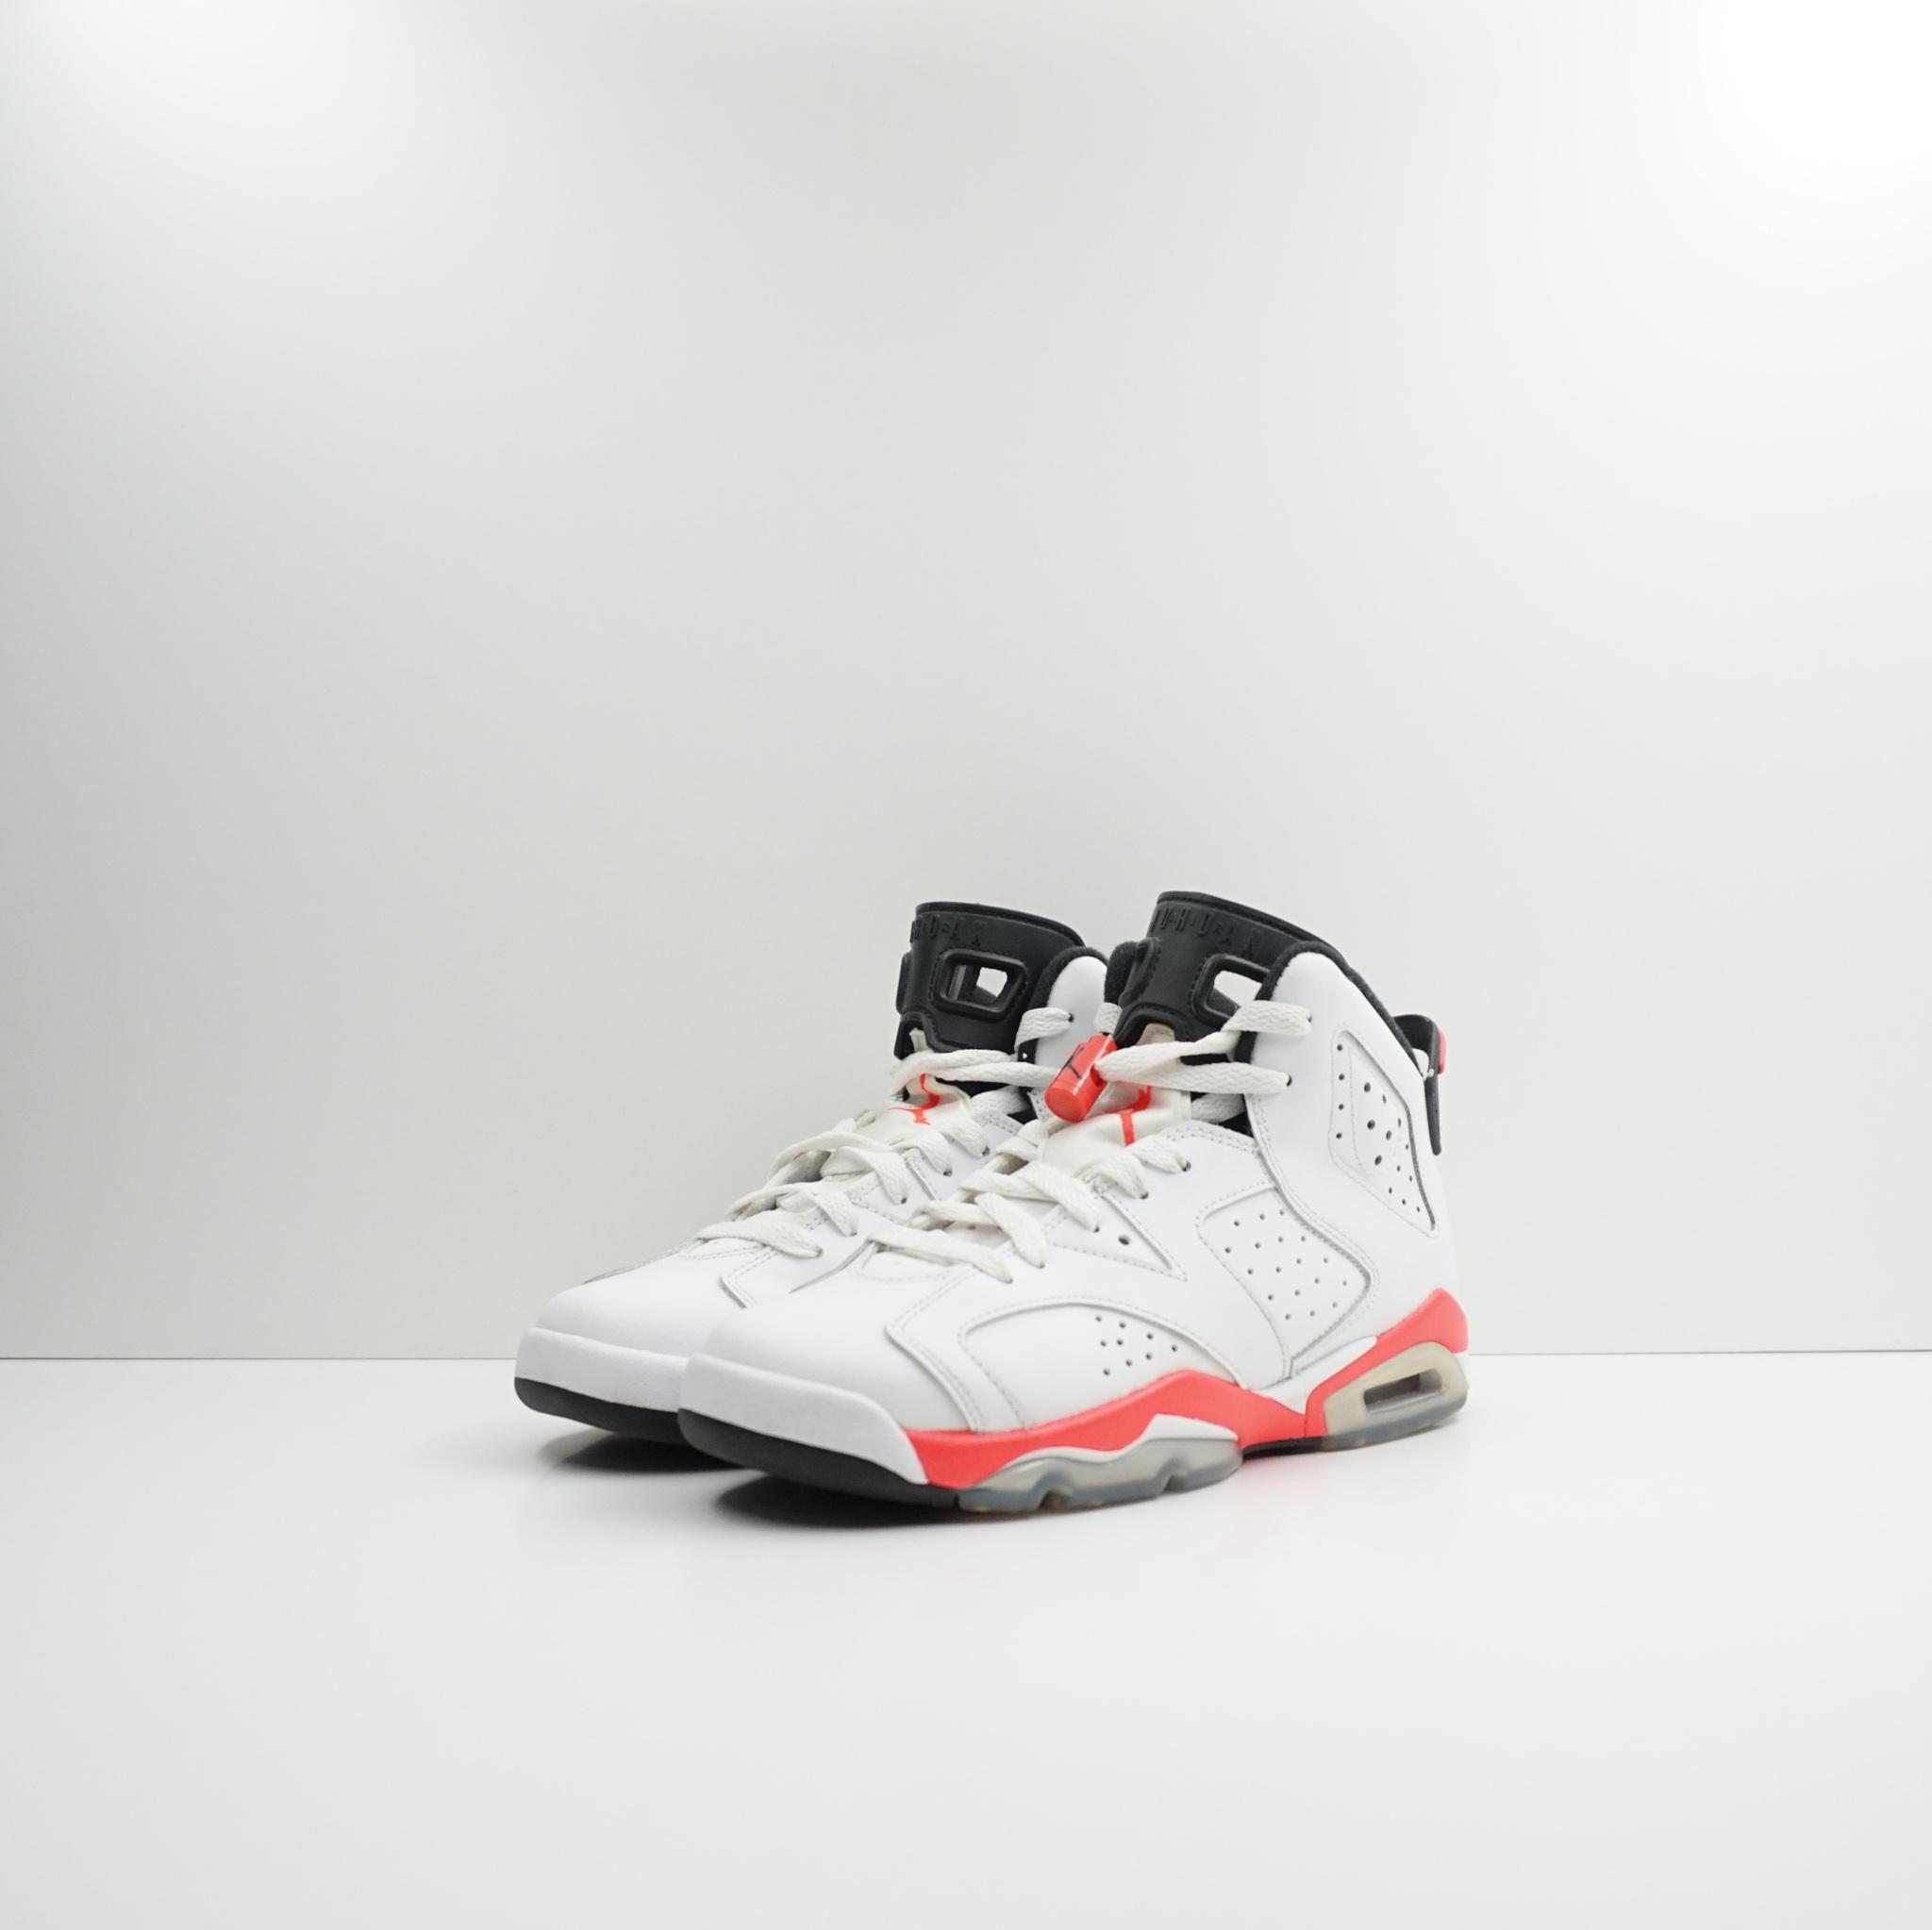 Jordan 6 Retro Infrared White 2014 (GS)